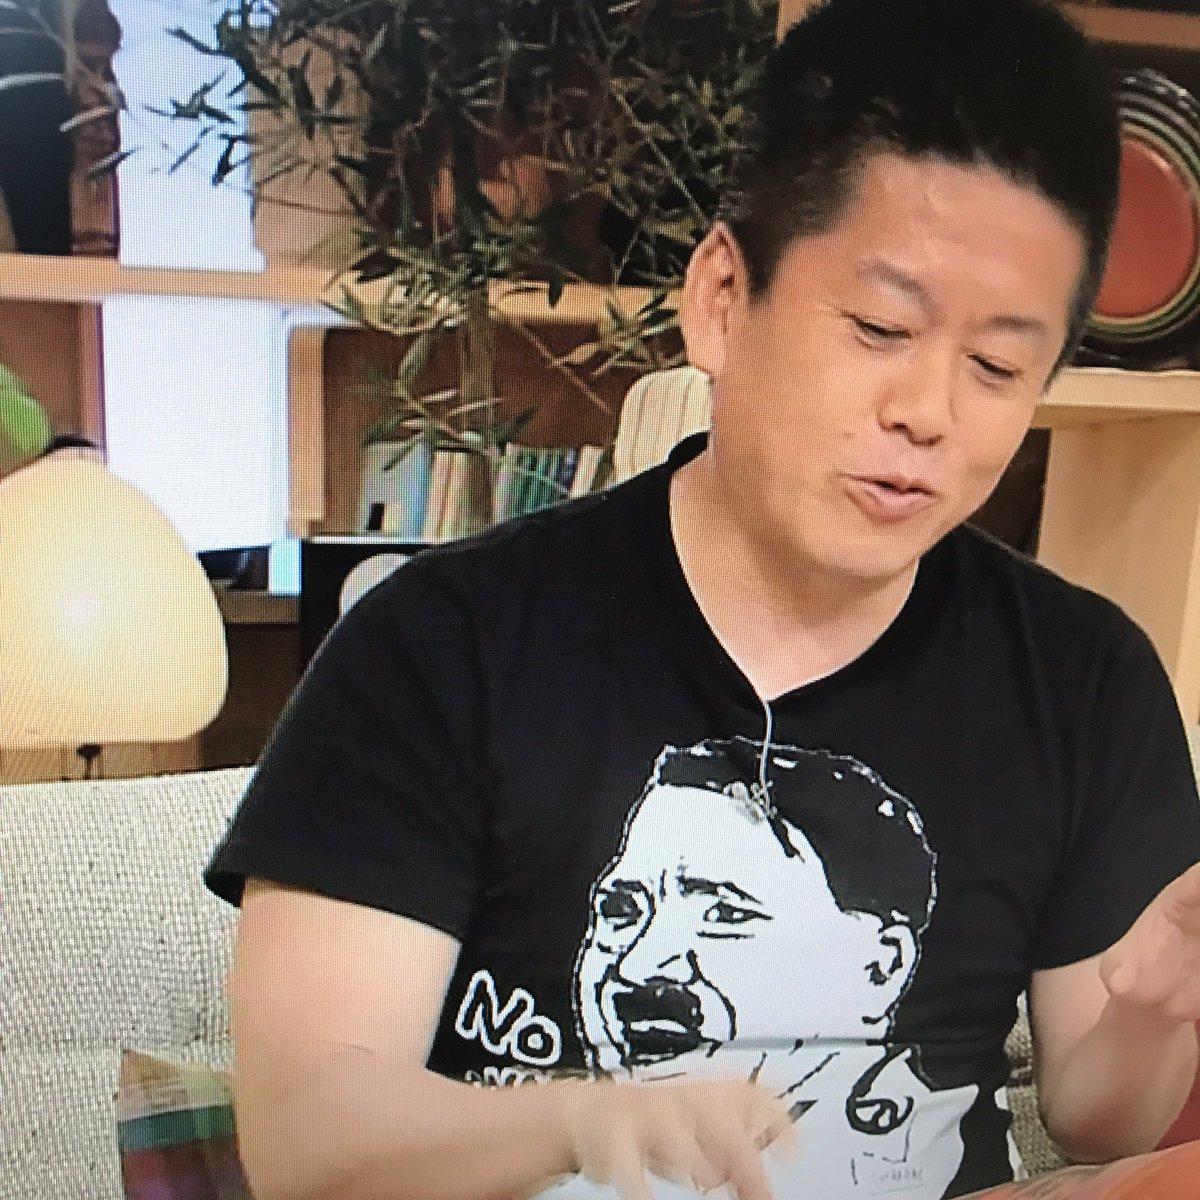 ホリエモンがヒトラーTシャツを着てNHKに出演し炎上wwwwwwwwwwwwwのサムネイル画像